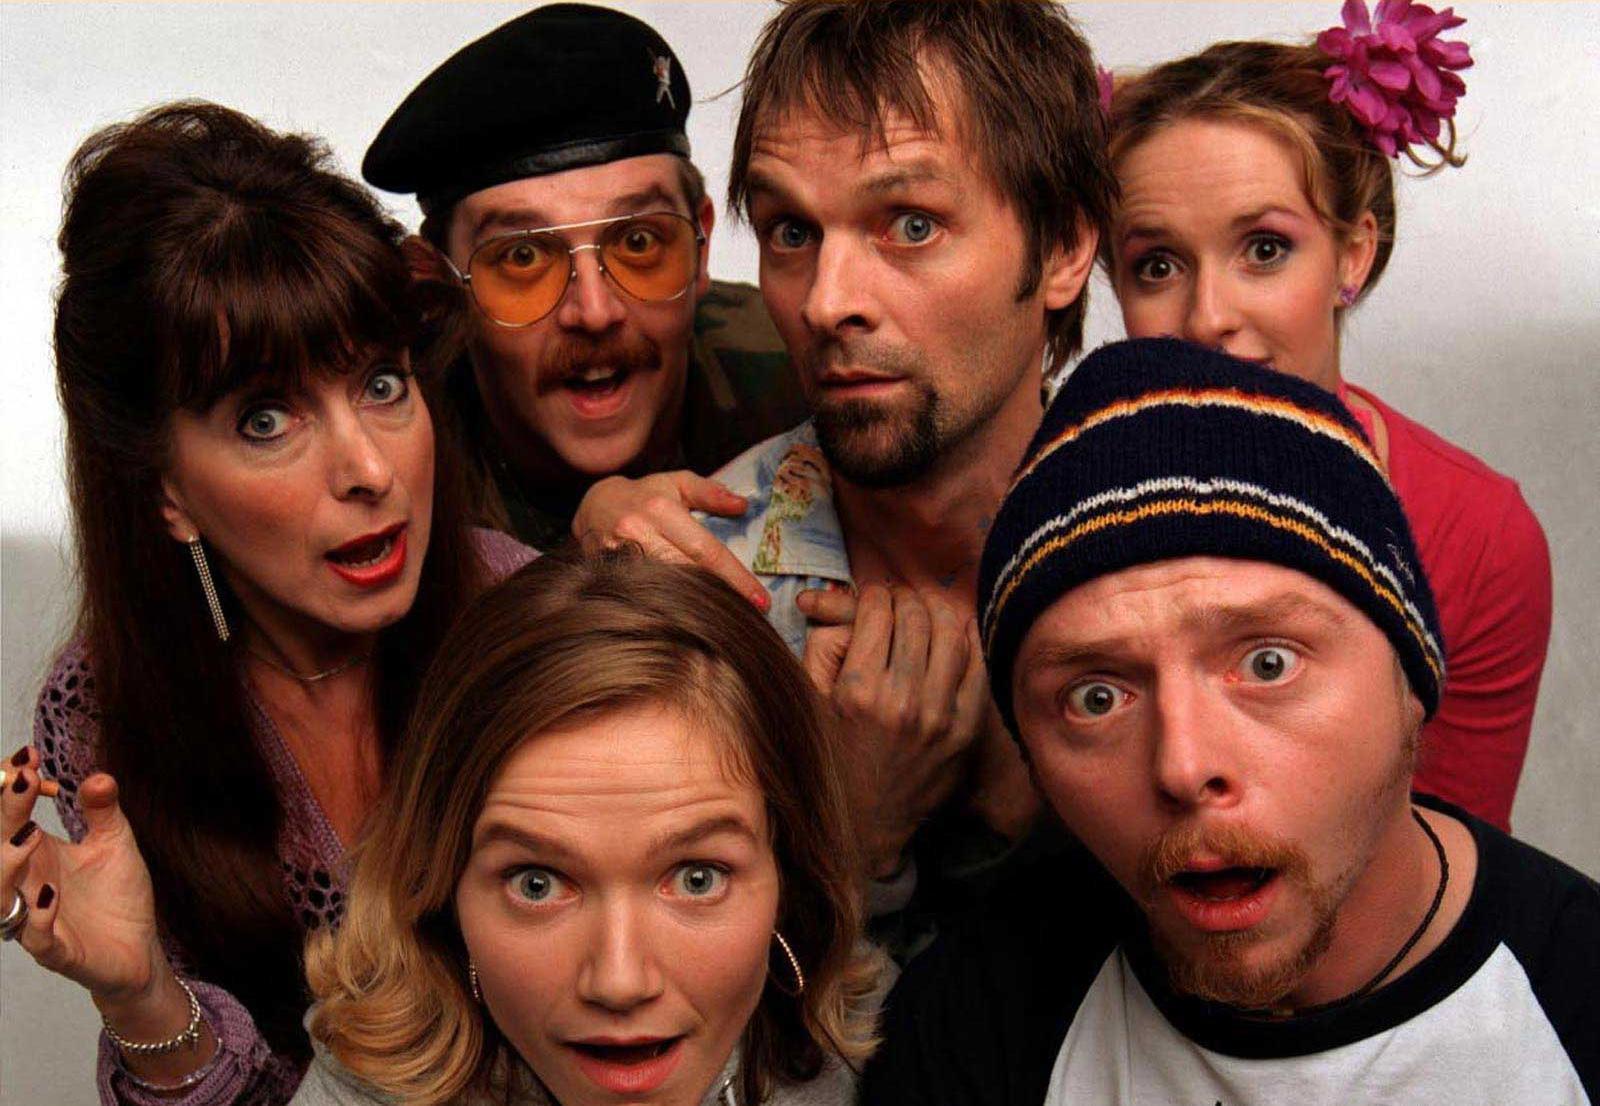 Les dix meilleures séries TV comiques 'Spaced'